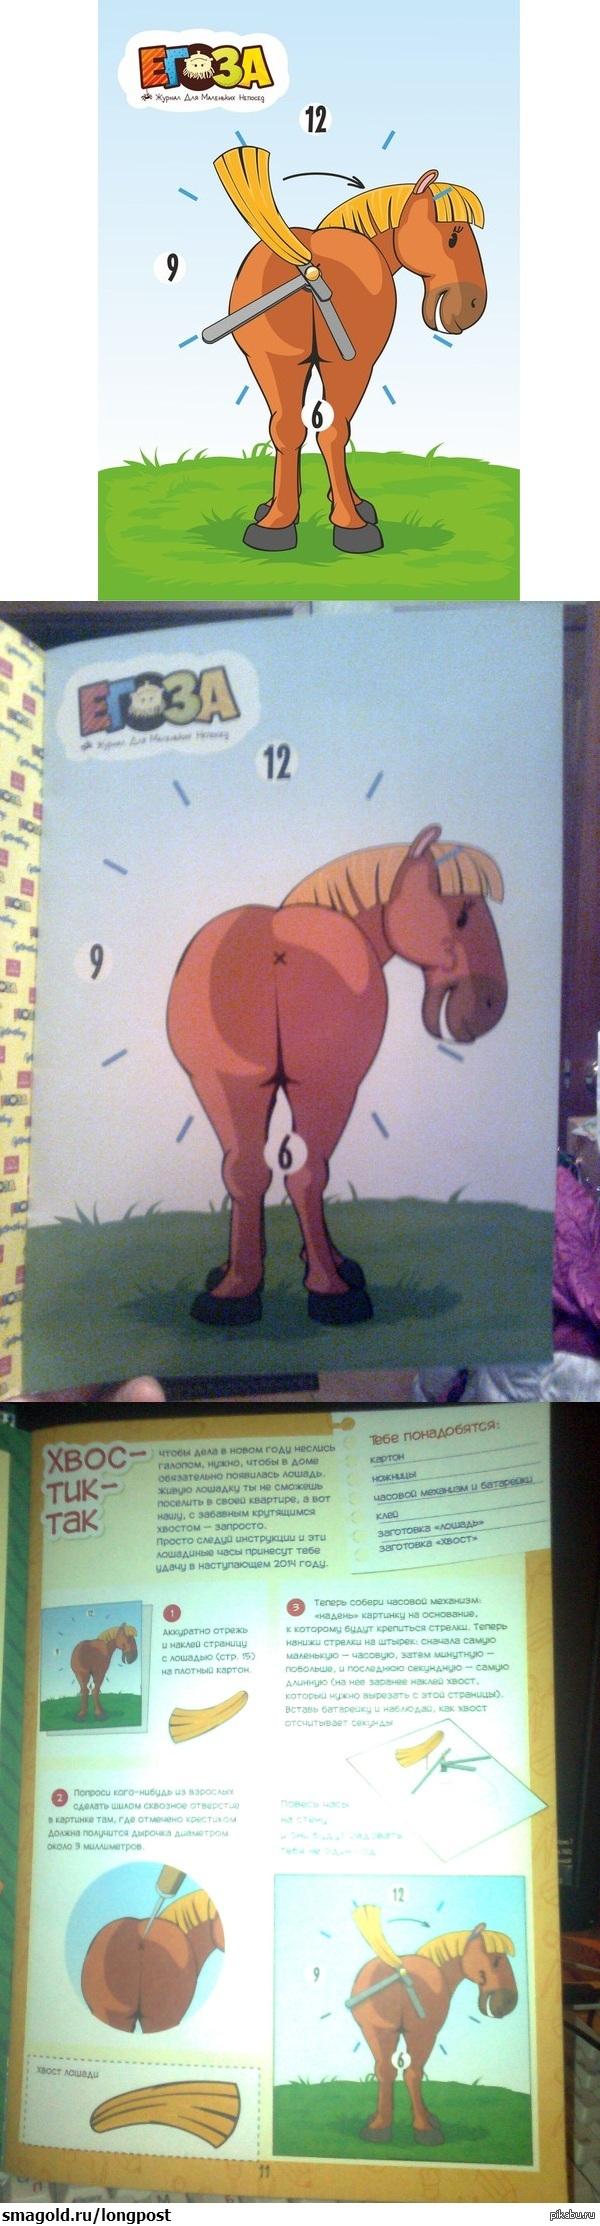 """Детский журнал """"Егоза"""" предлагает собственными руками сделать забавные часы. Почему лошадка не носит трусы? Потому что лошадке мешают часы!"""